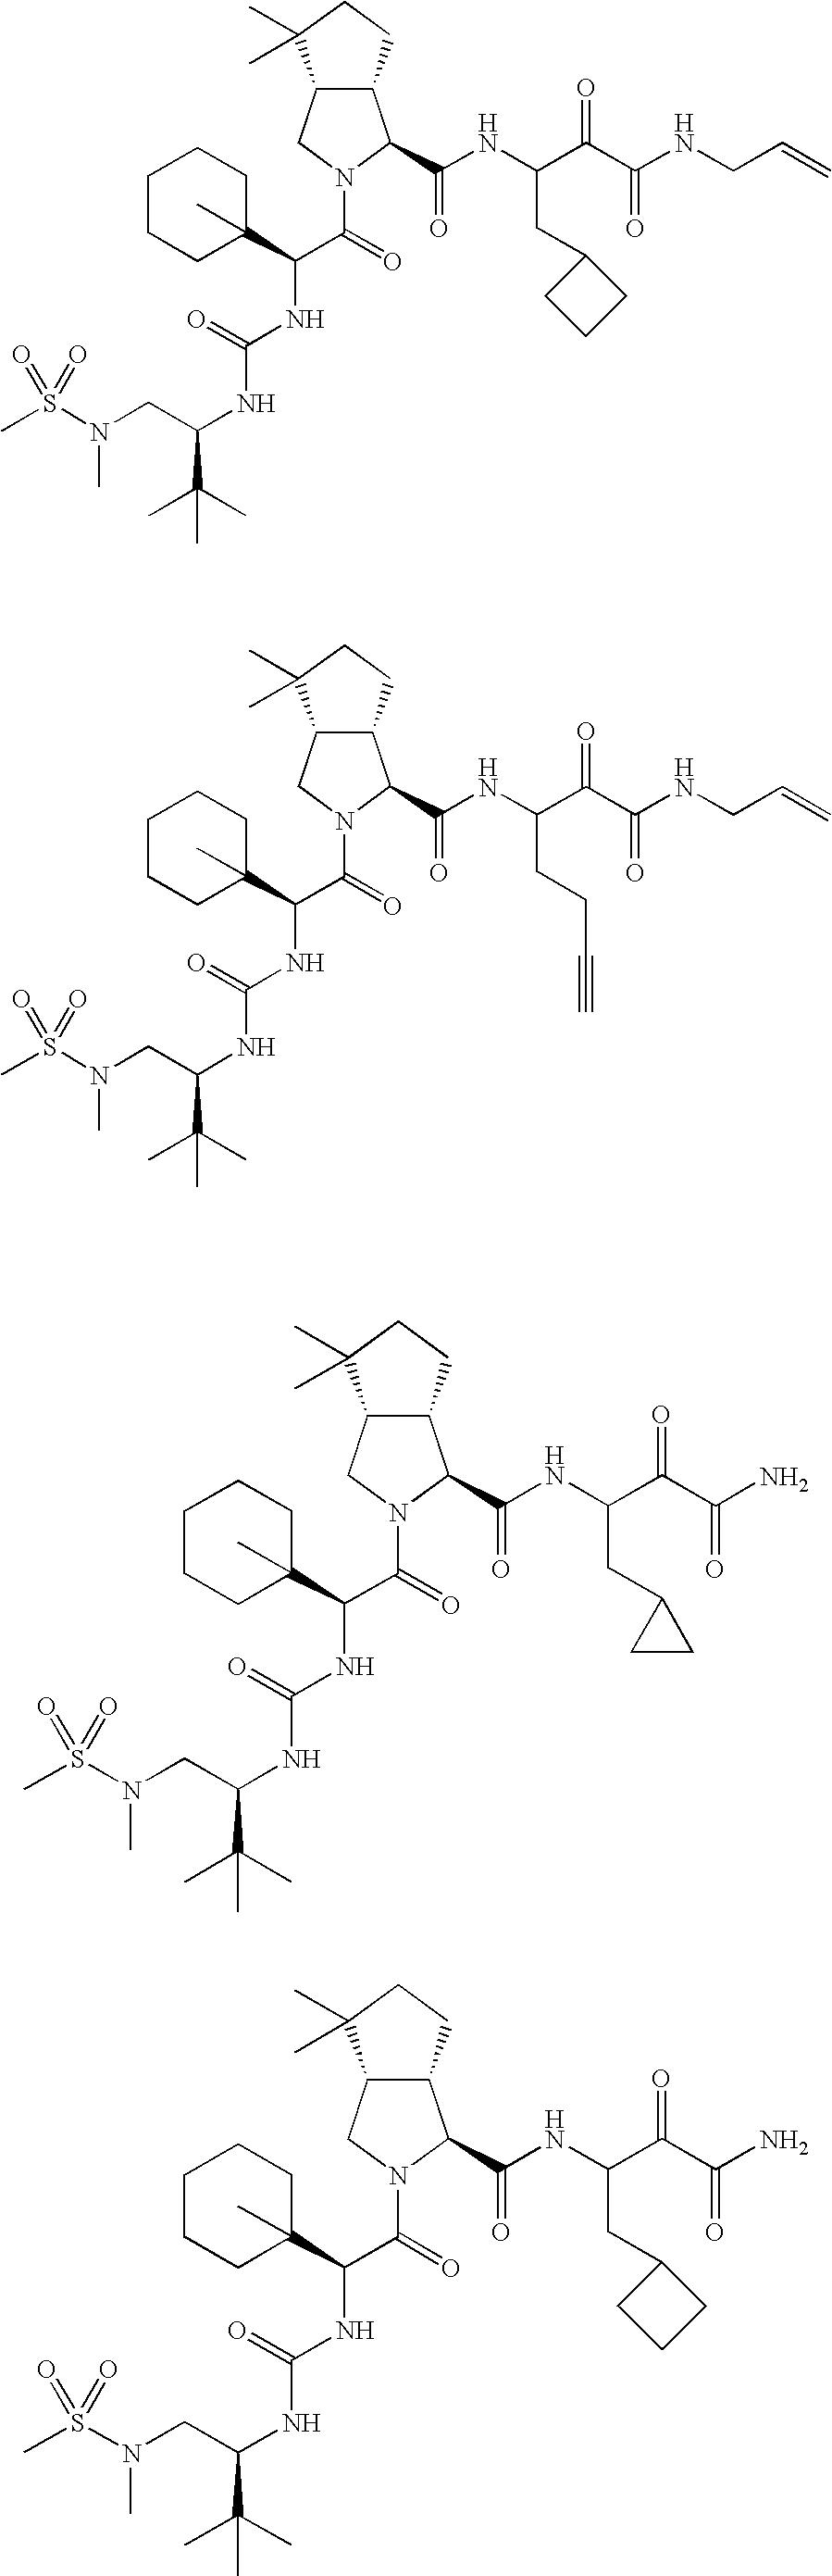 Figure US20060287248A1-20061221-C00516